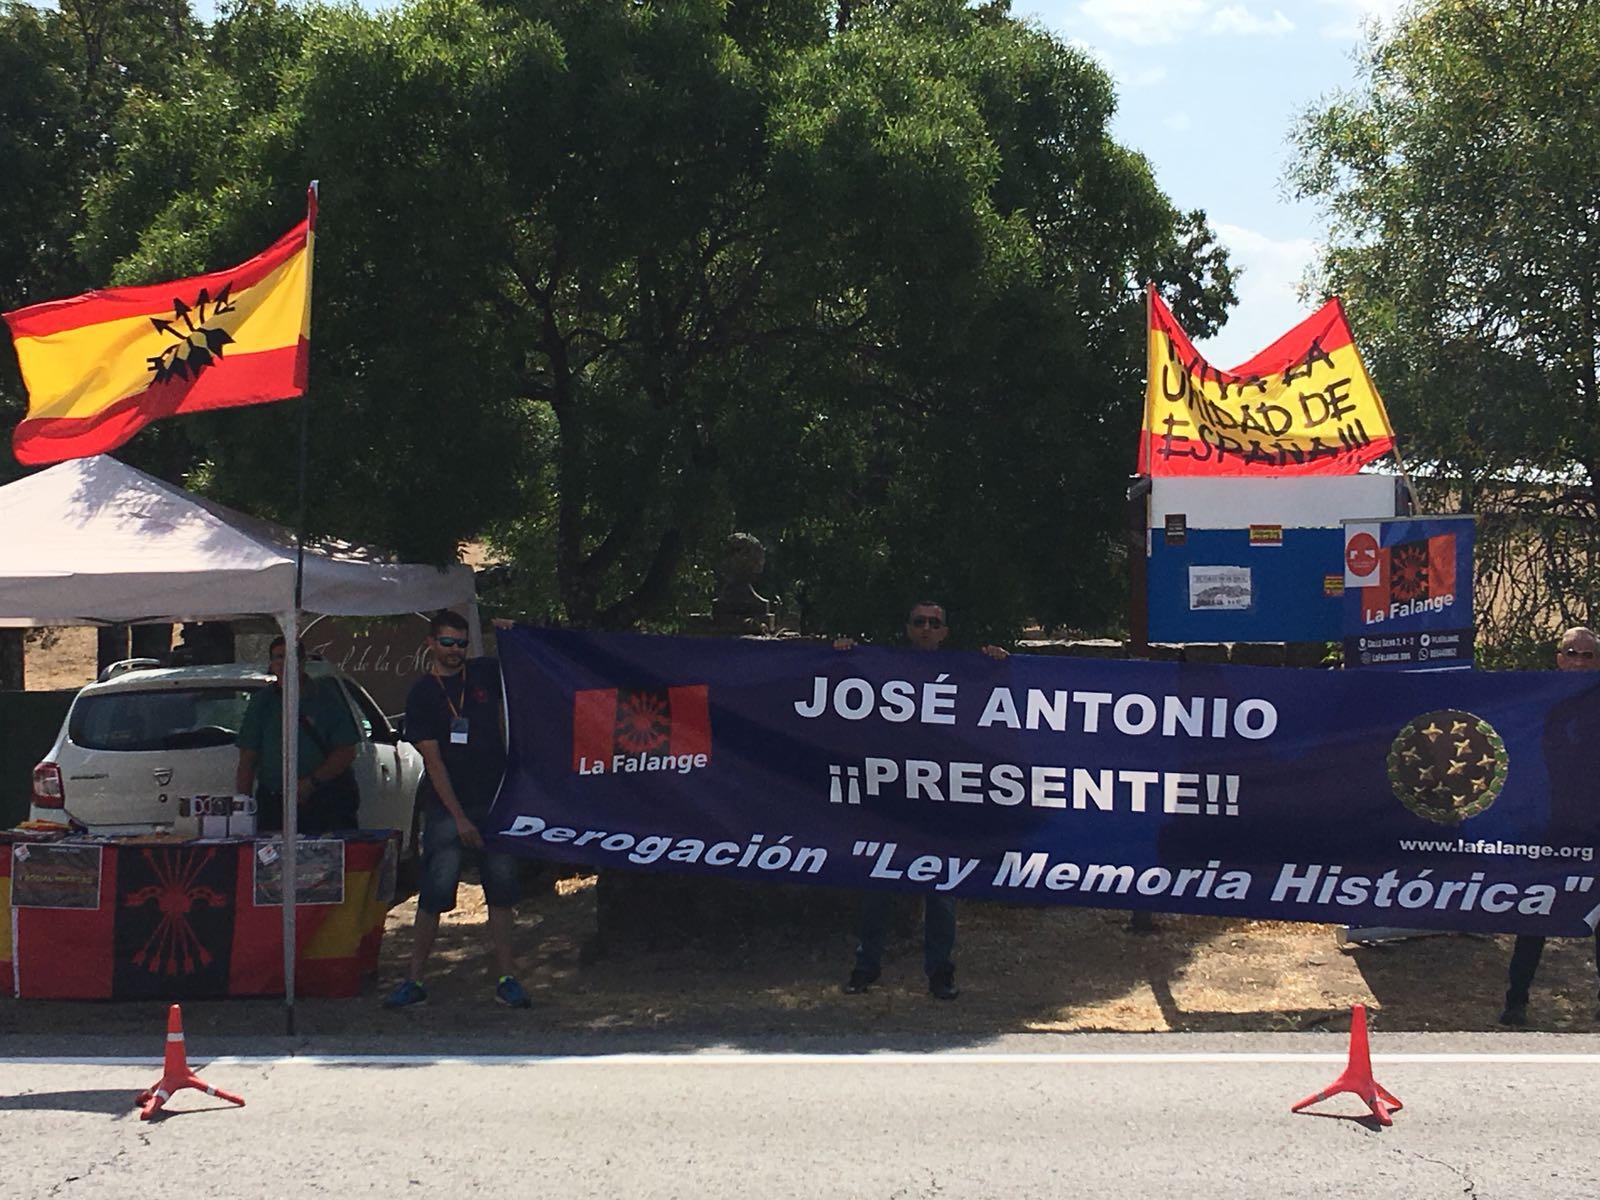 Mesa en el Valle e intervención radiofónica #ElValleNOsetoca